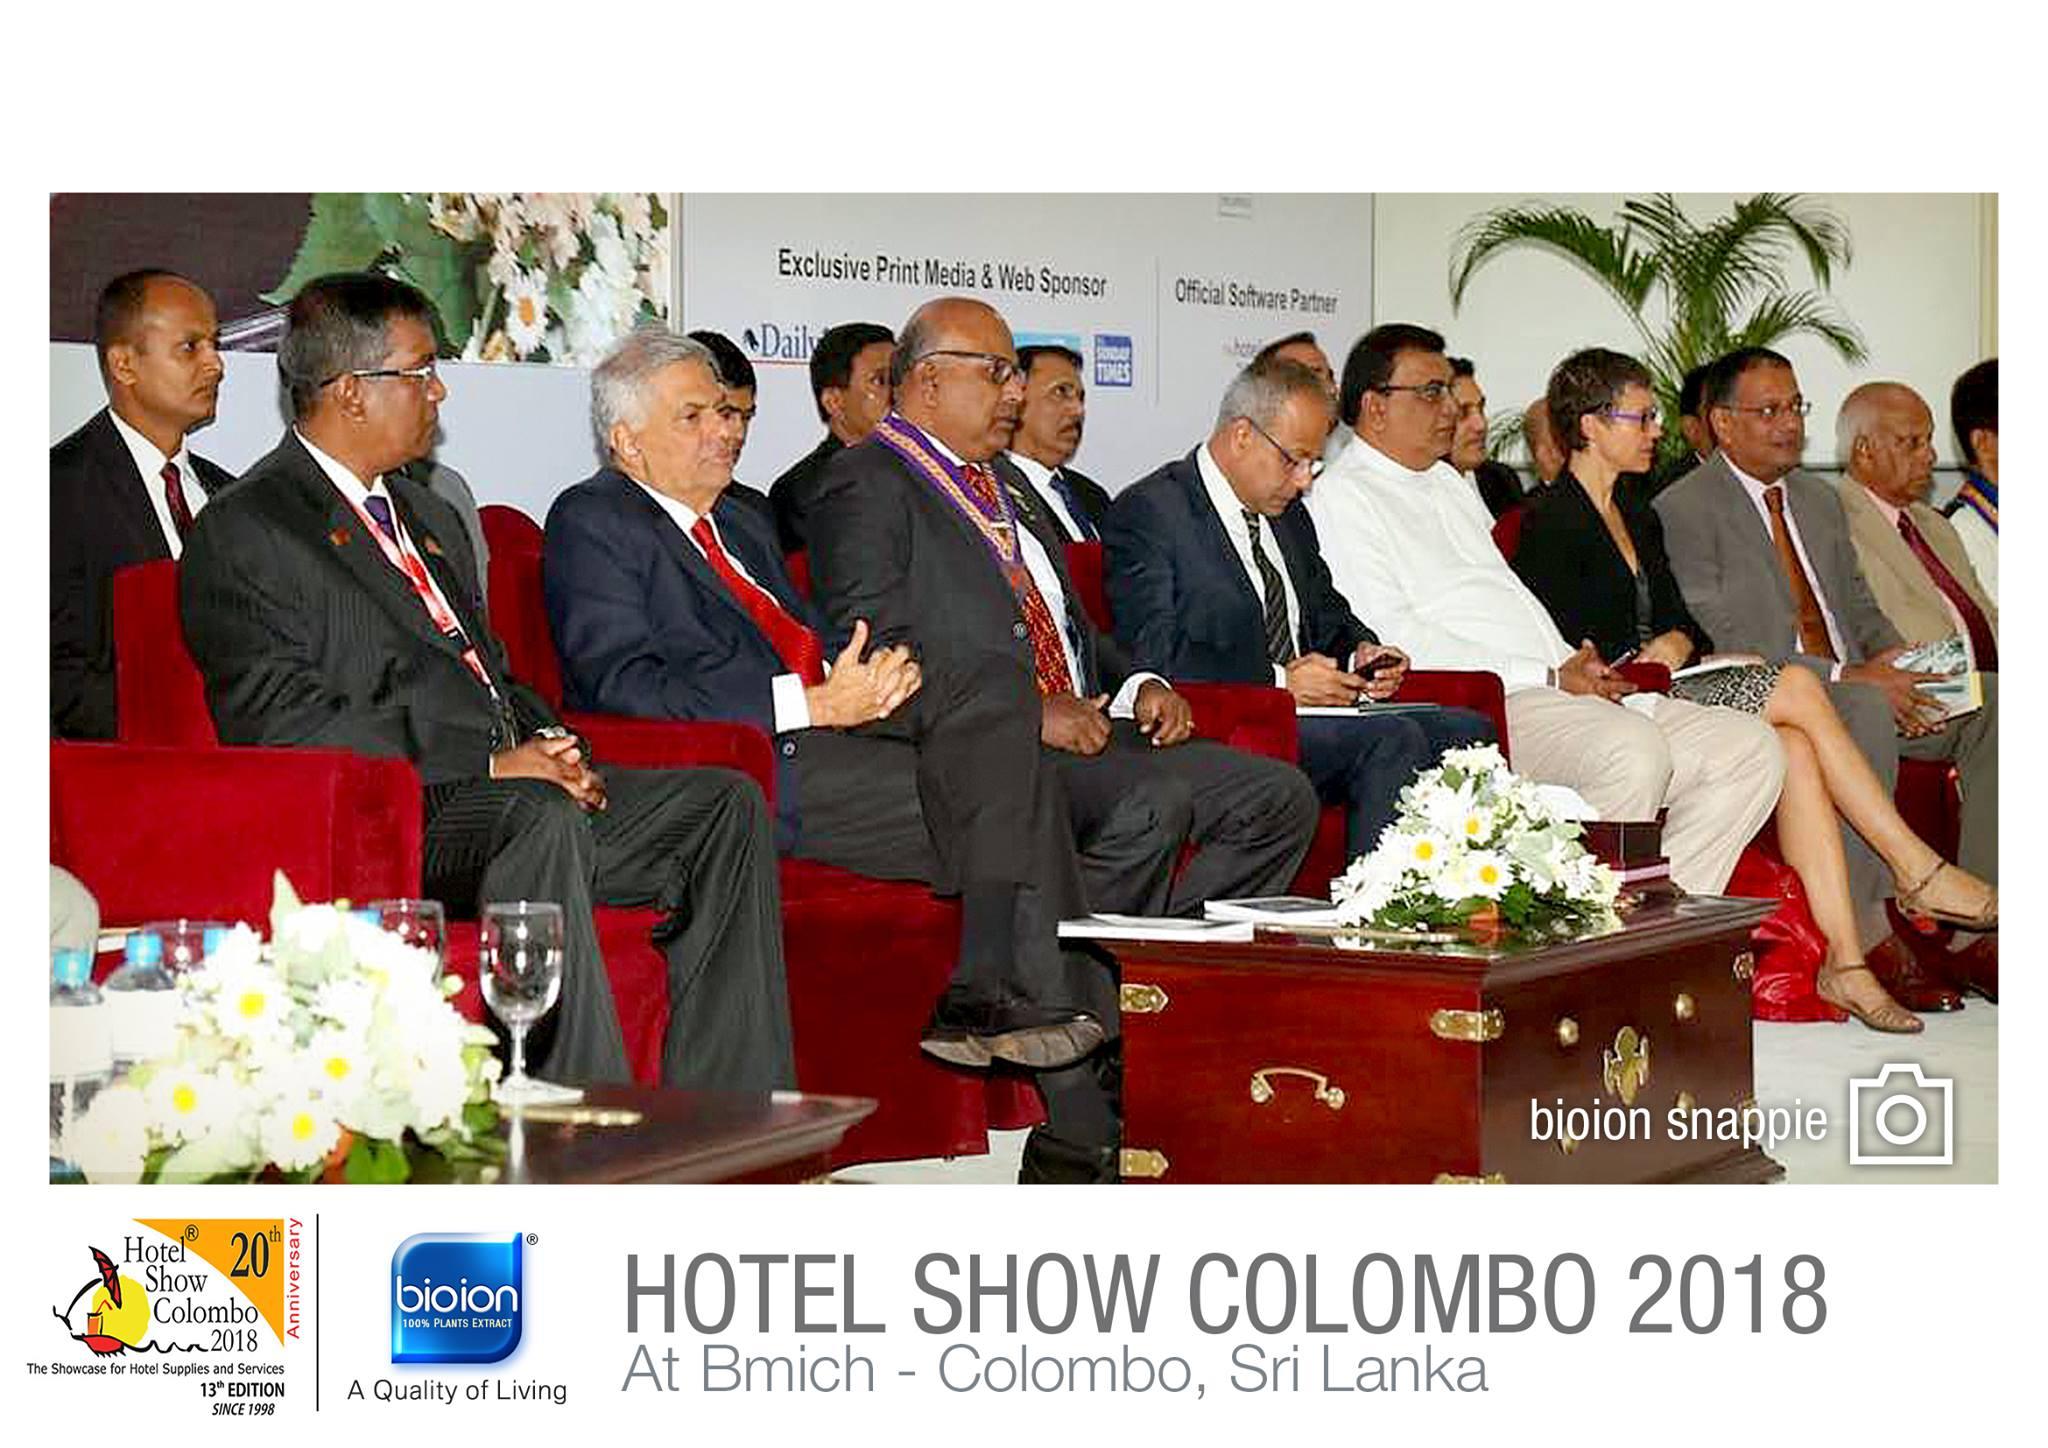 Hotel Show Colombo 2018, Sri Lanka - Bioion World